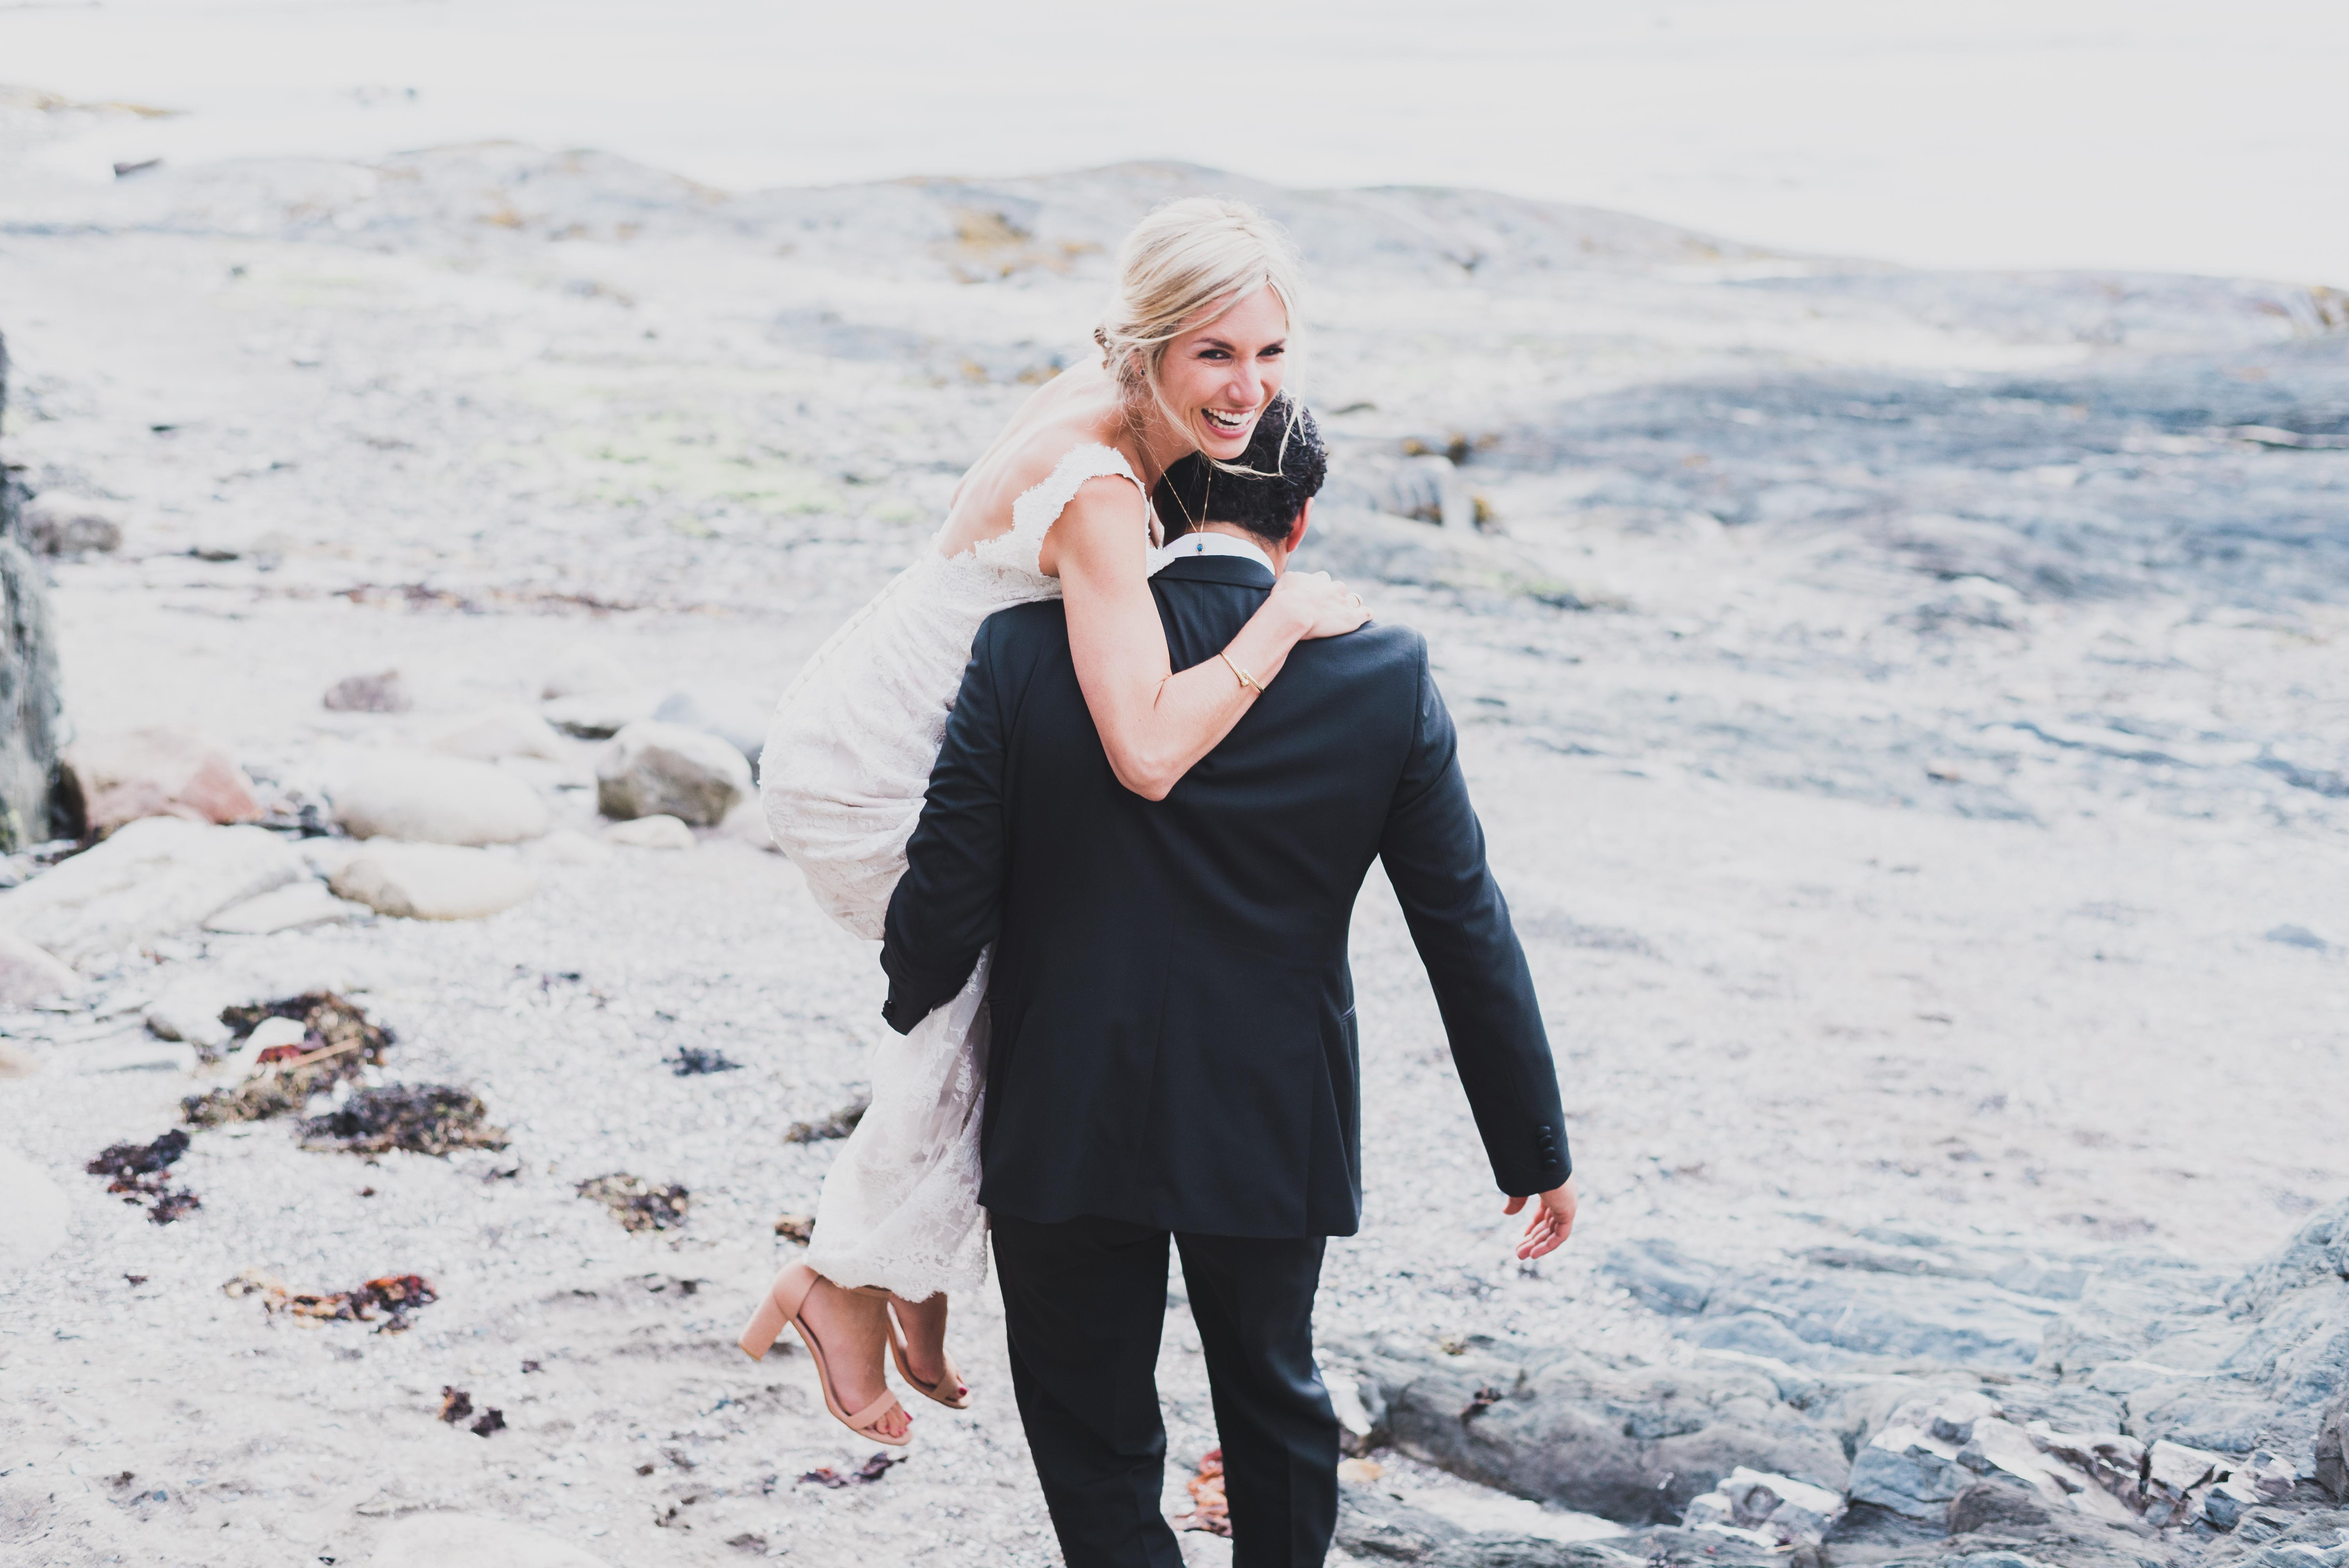 mariage a destination etats-unis photo